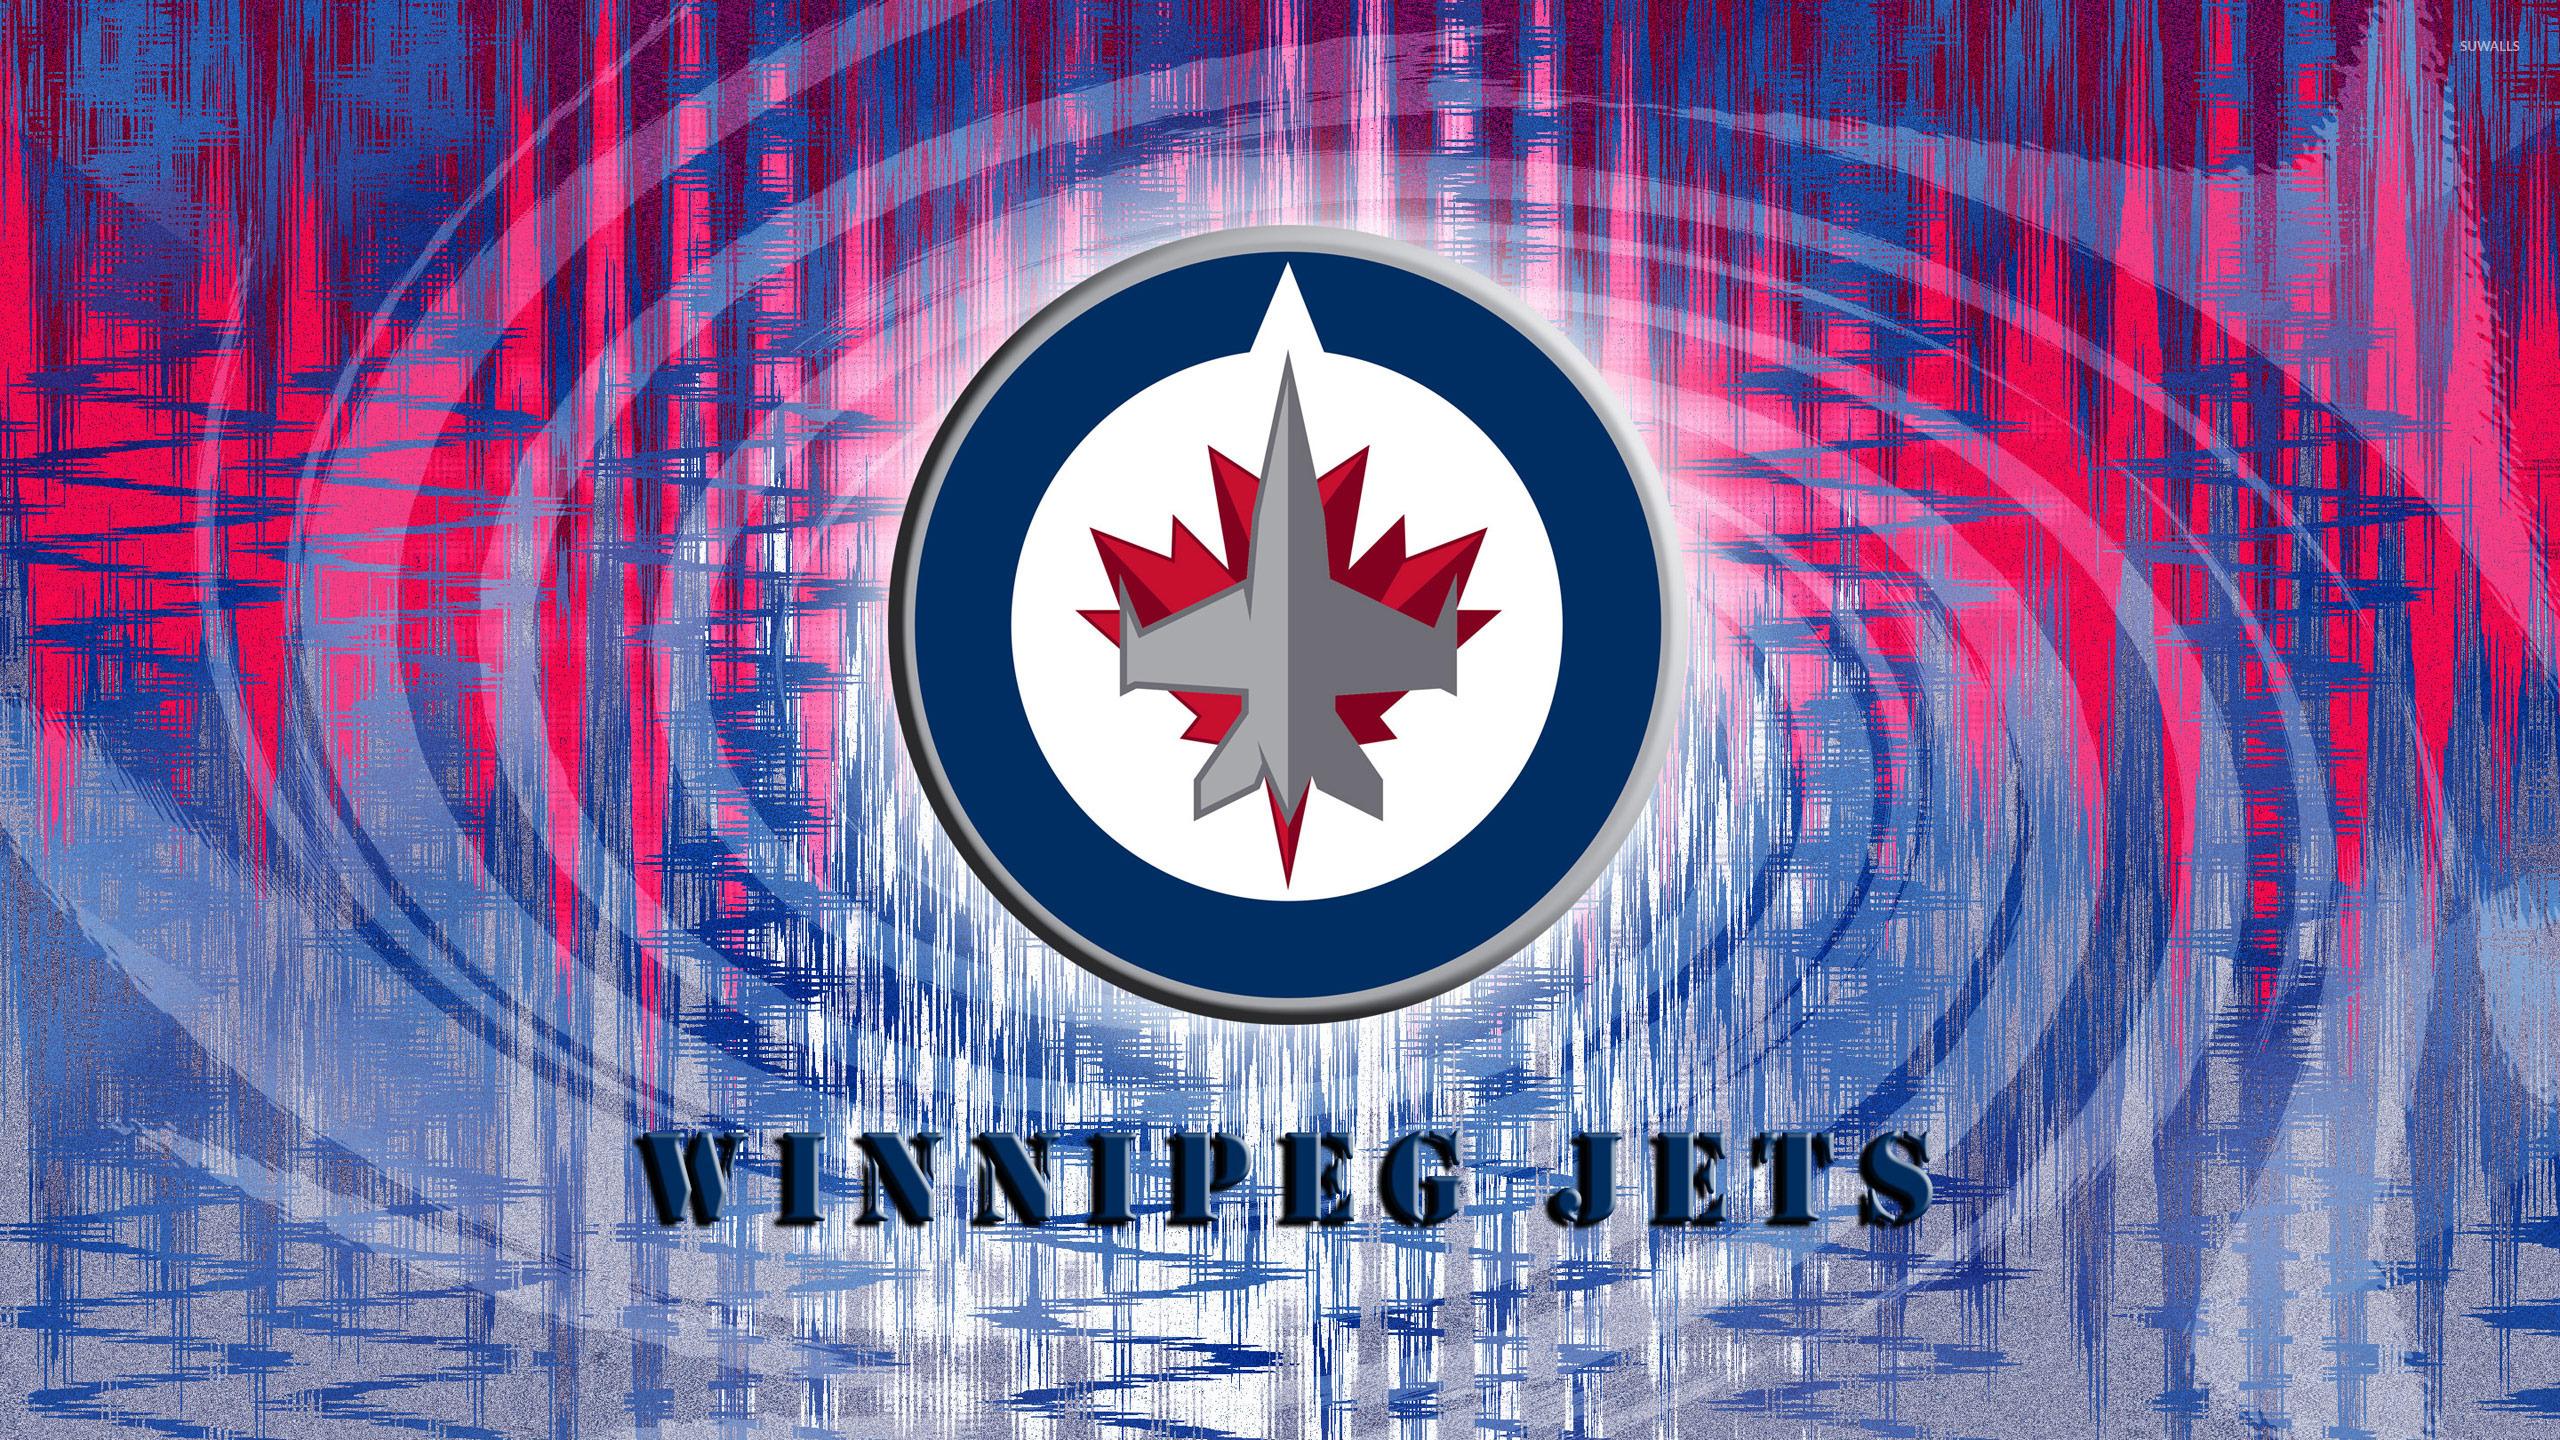 Winnipeg Jets wallpapers HD   384434 2560x1440